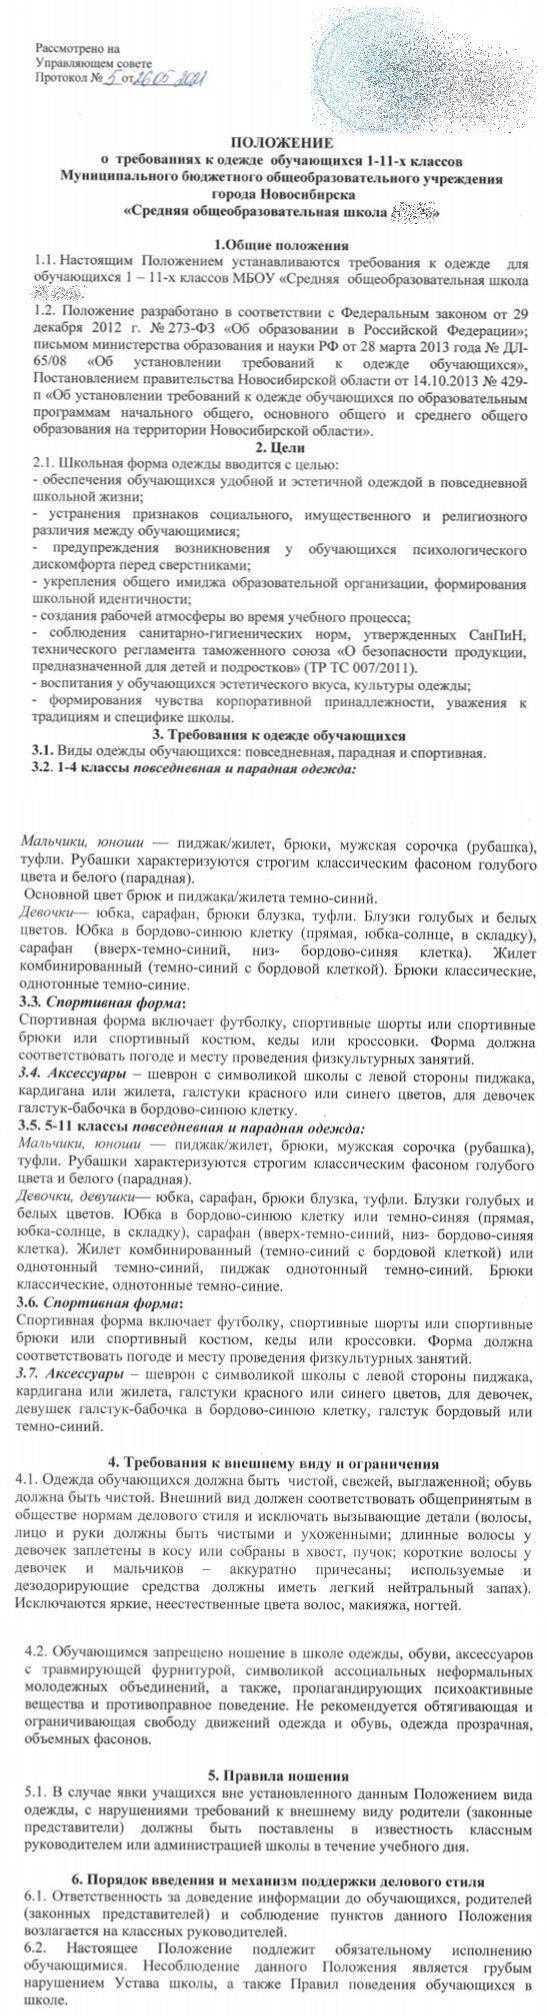 Фото «Смешит упор на элитарность, когда 45 человек не сдали математику»: в Новосибирске школьников обязали носить форму и запретили дезодоранты 2